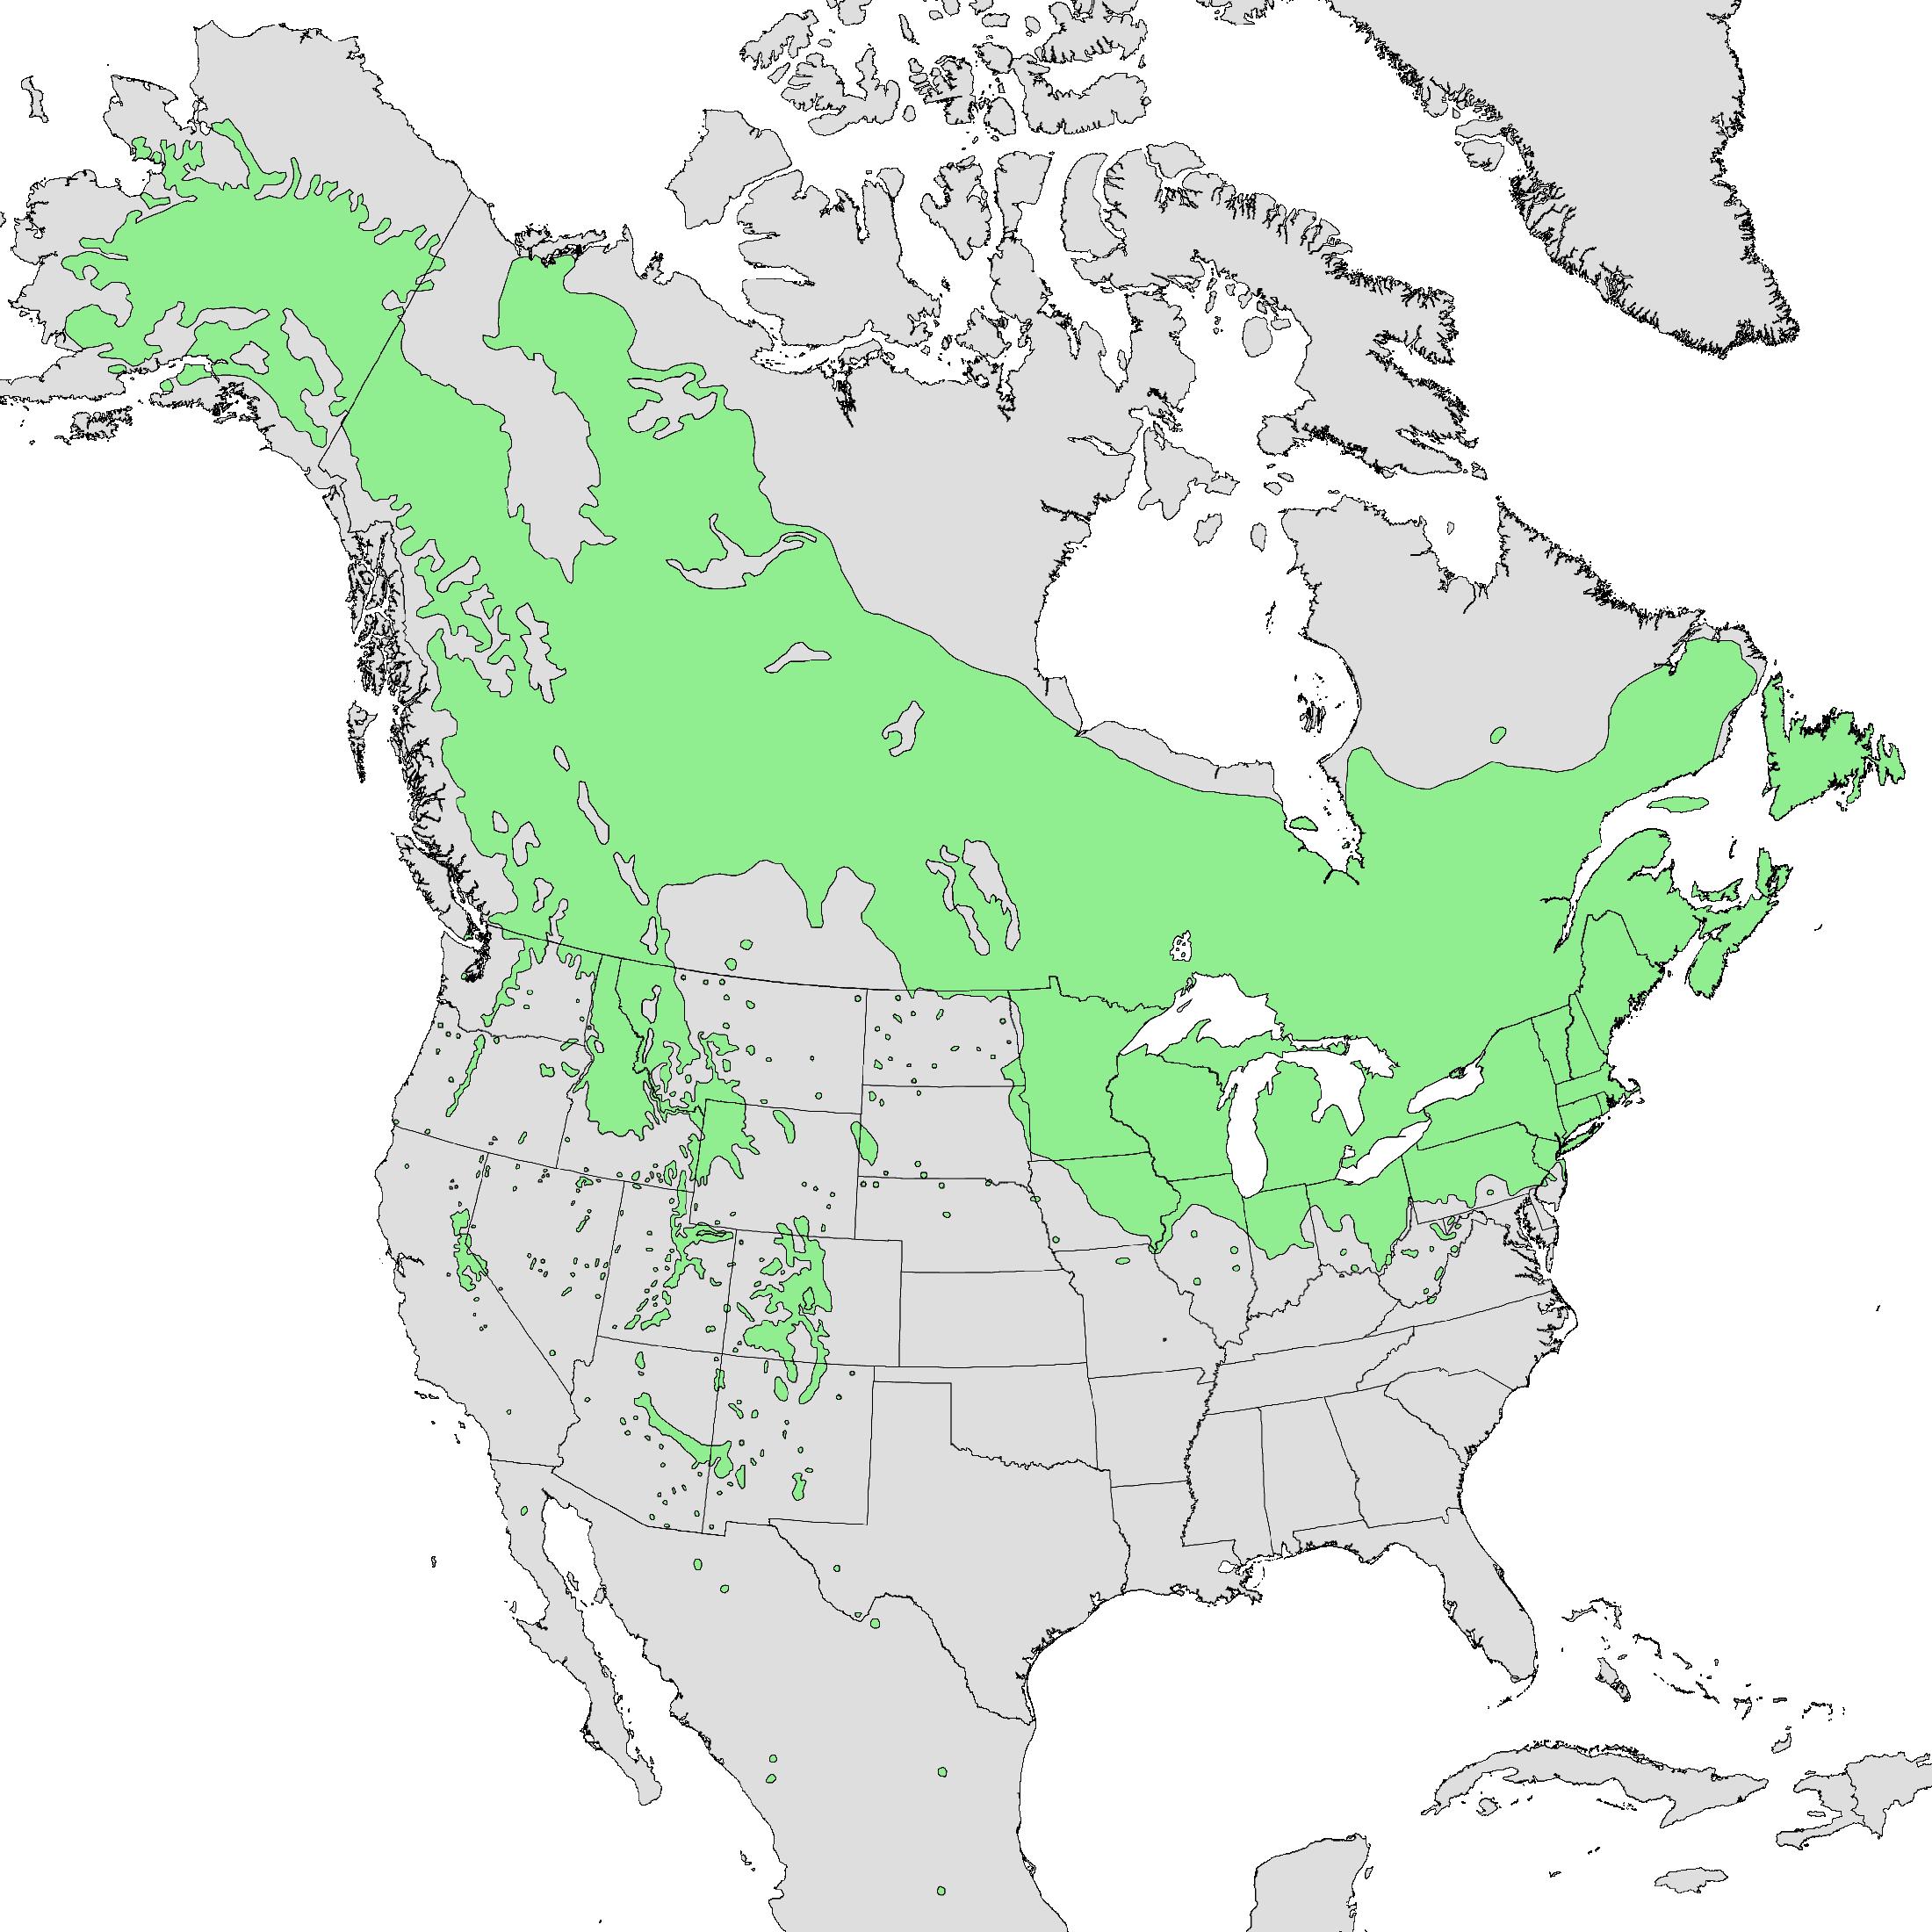 北米におけるアスペンの木の分布図